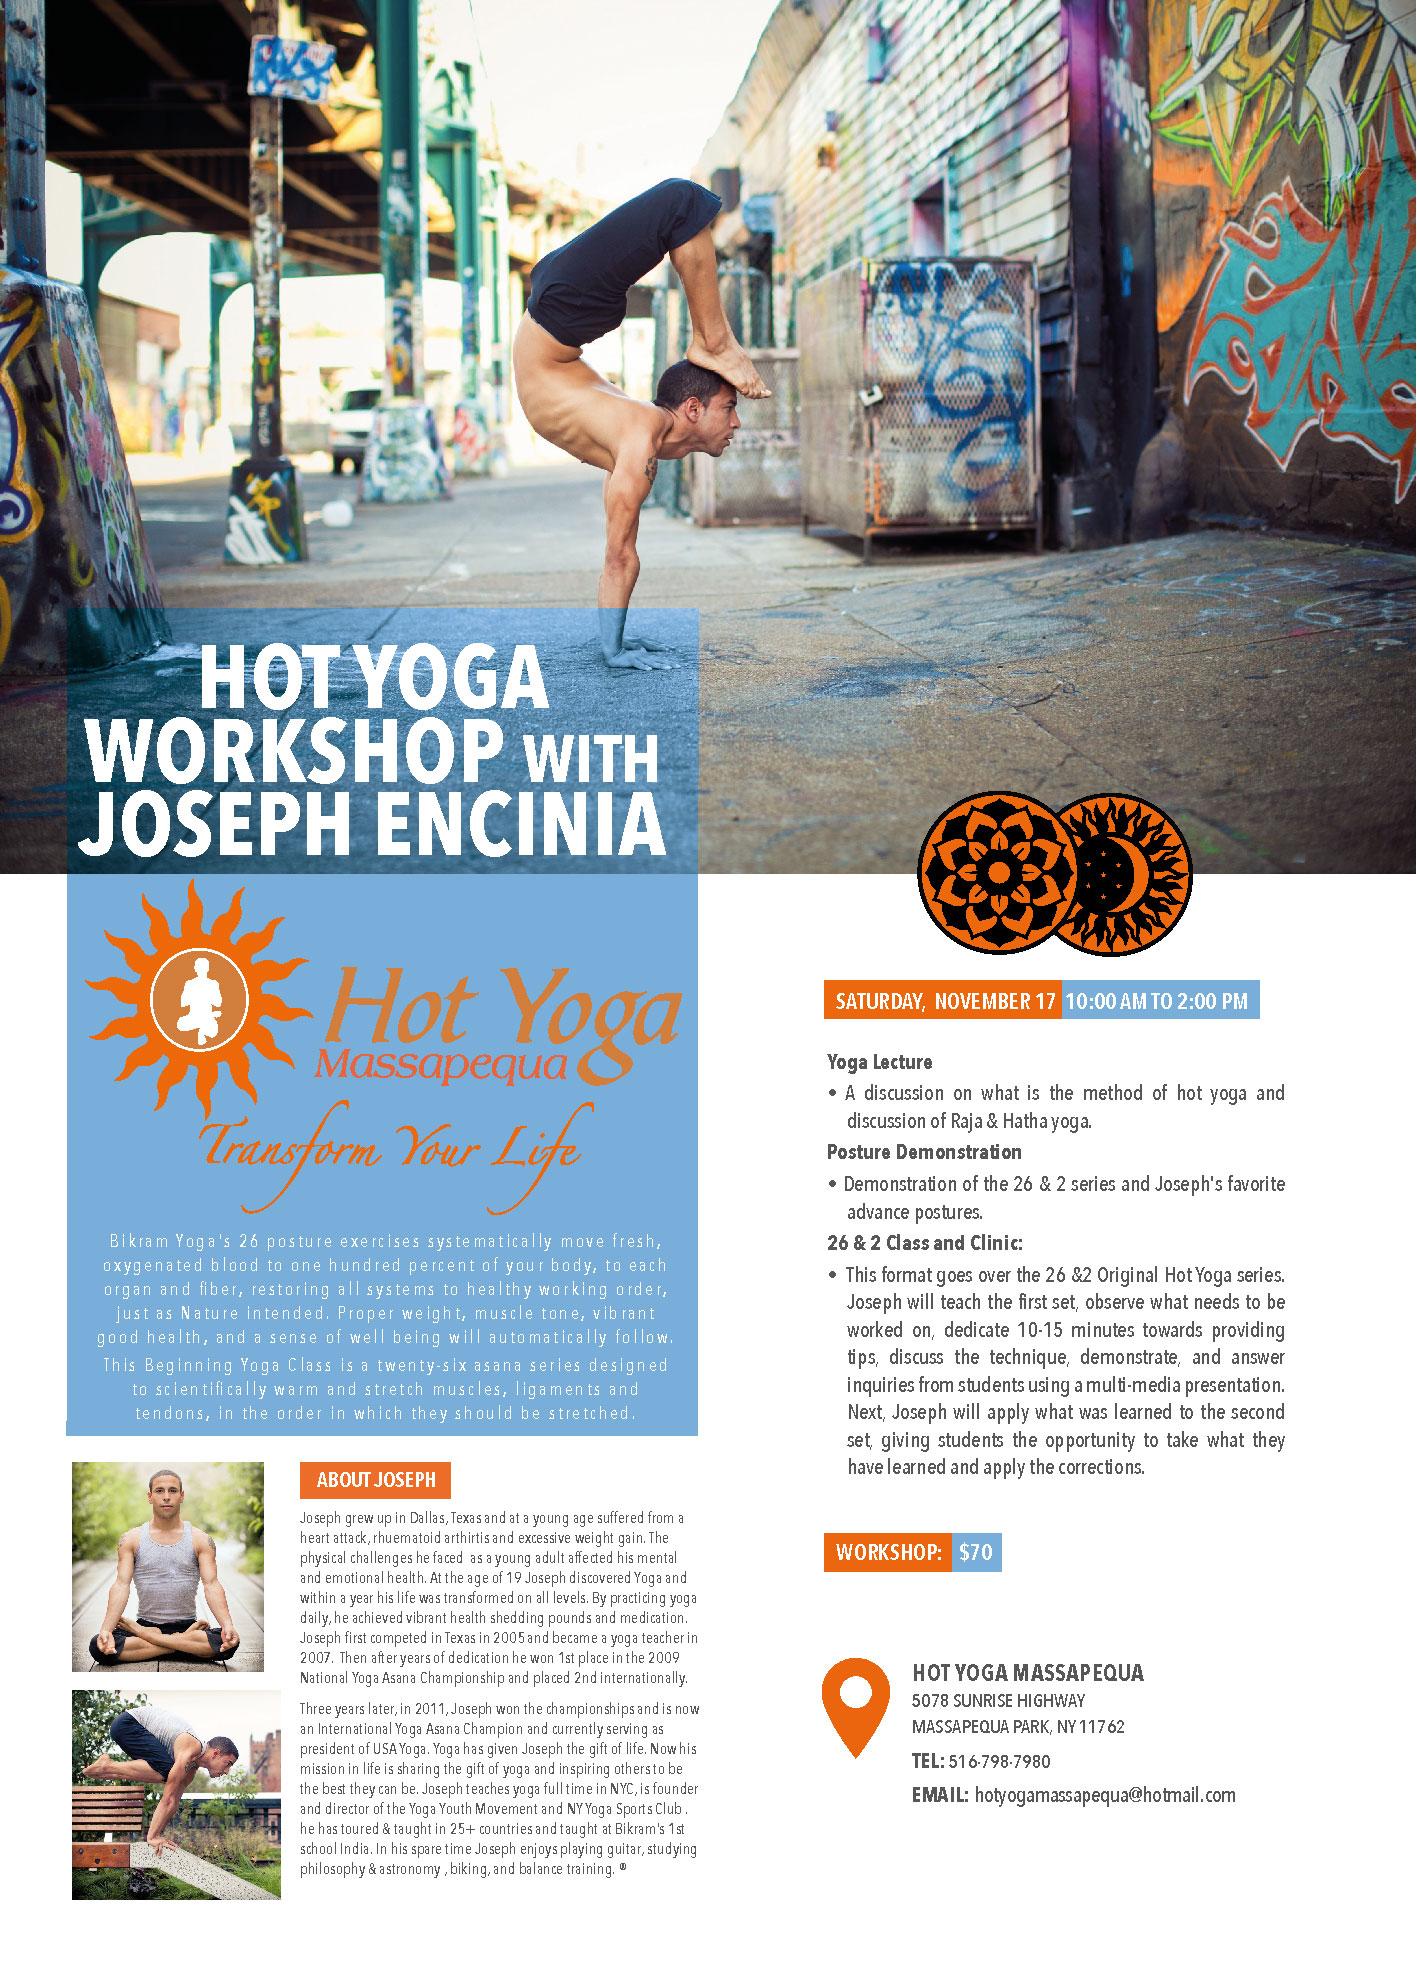 Long Island, NY | November 17, 2018 | Yoga Posture Clinic